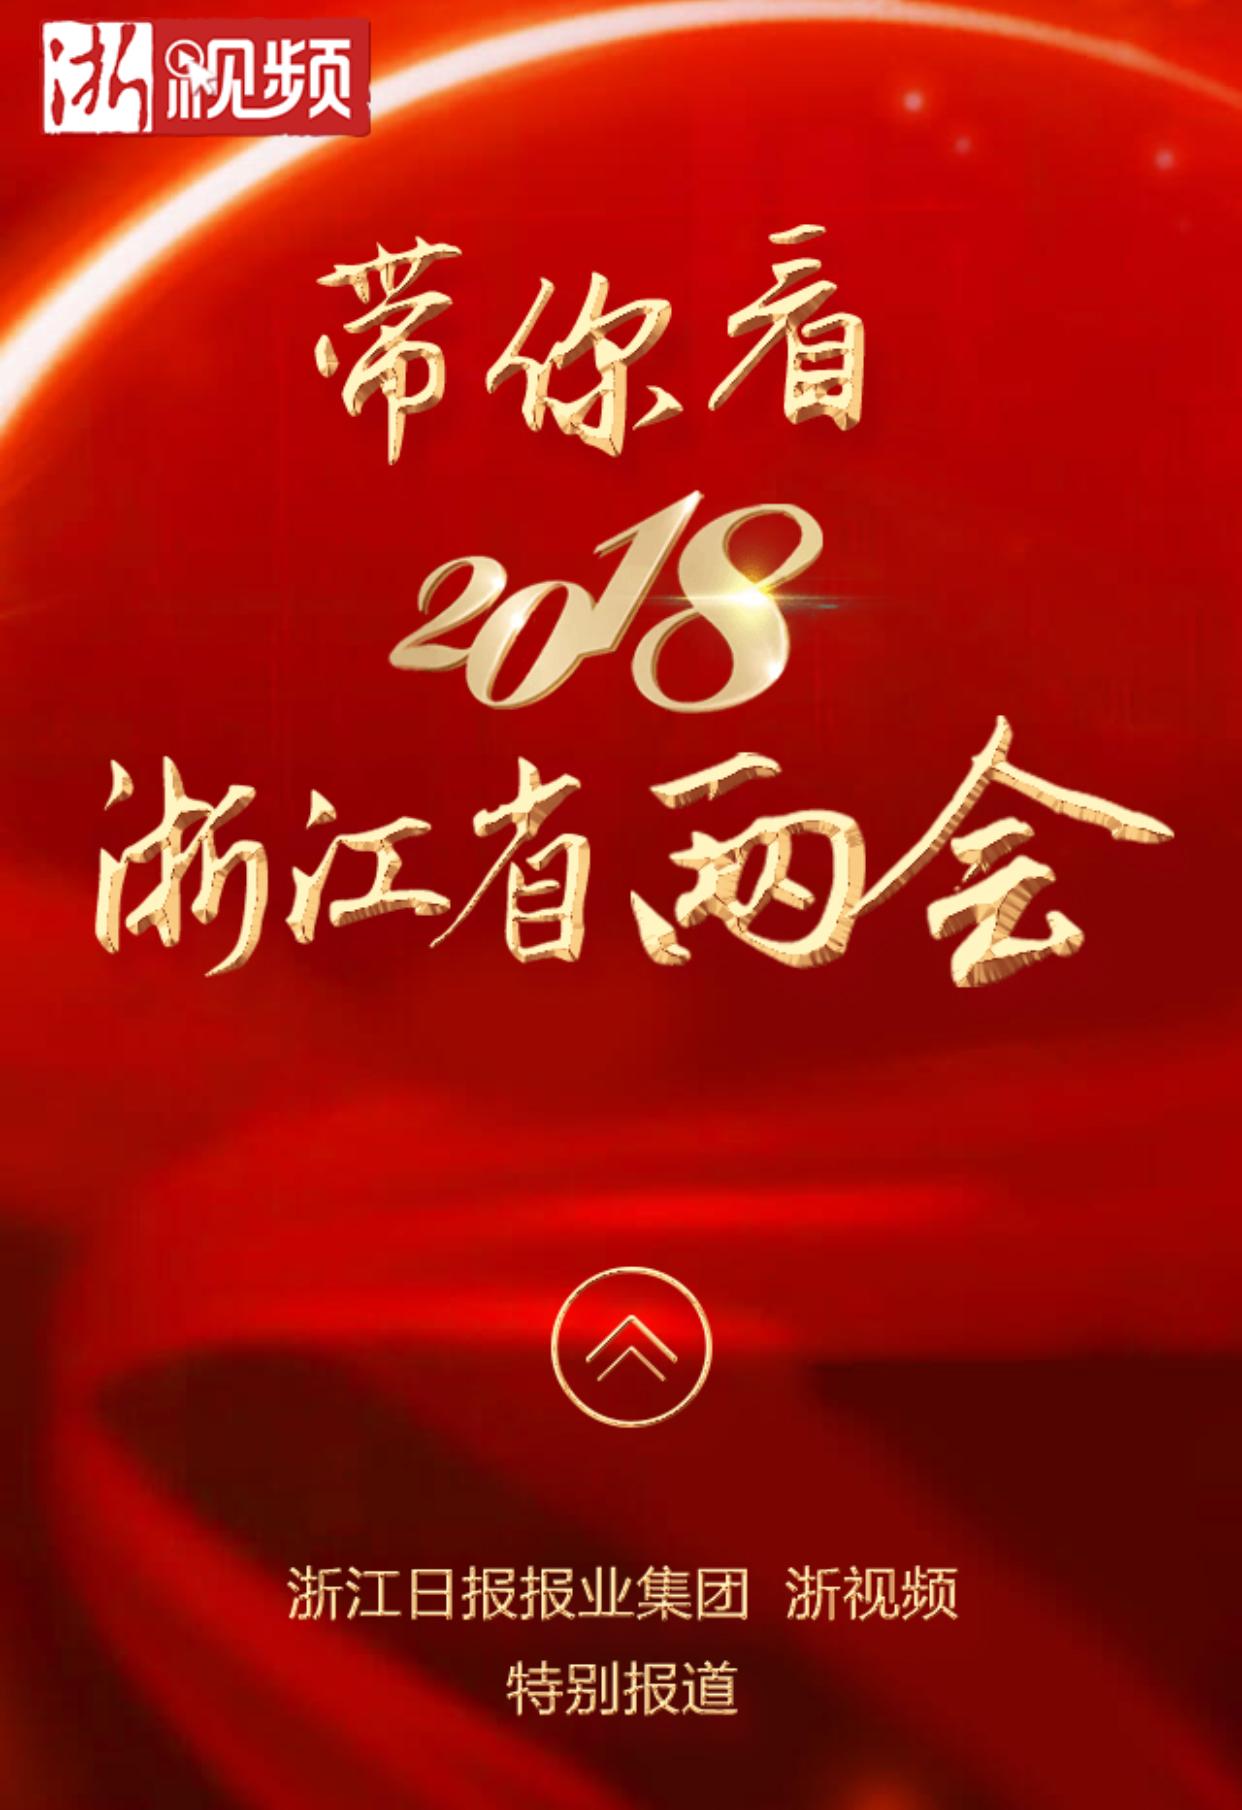 h5丨浙视频带你看2018浙江省两会